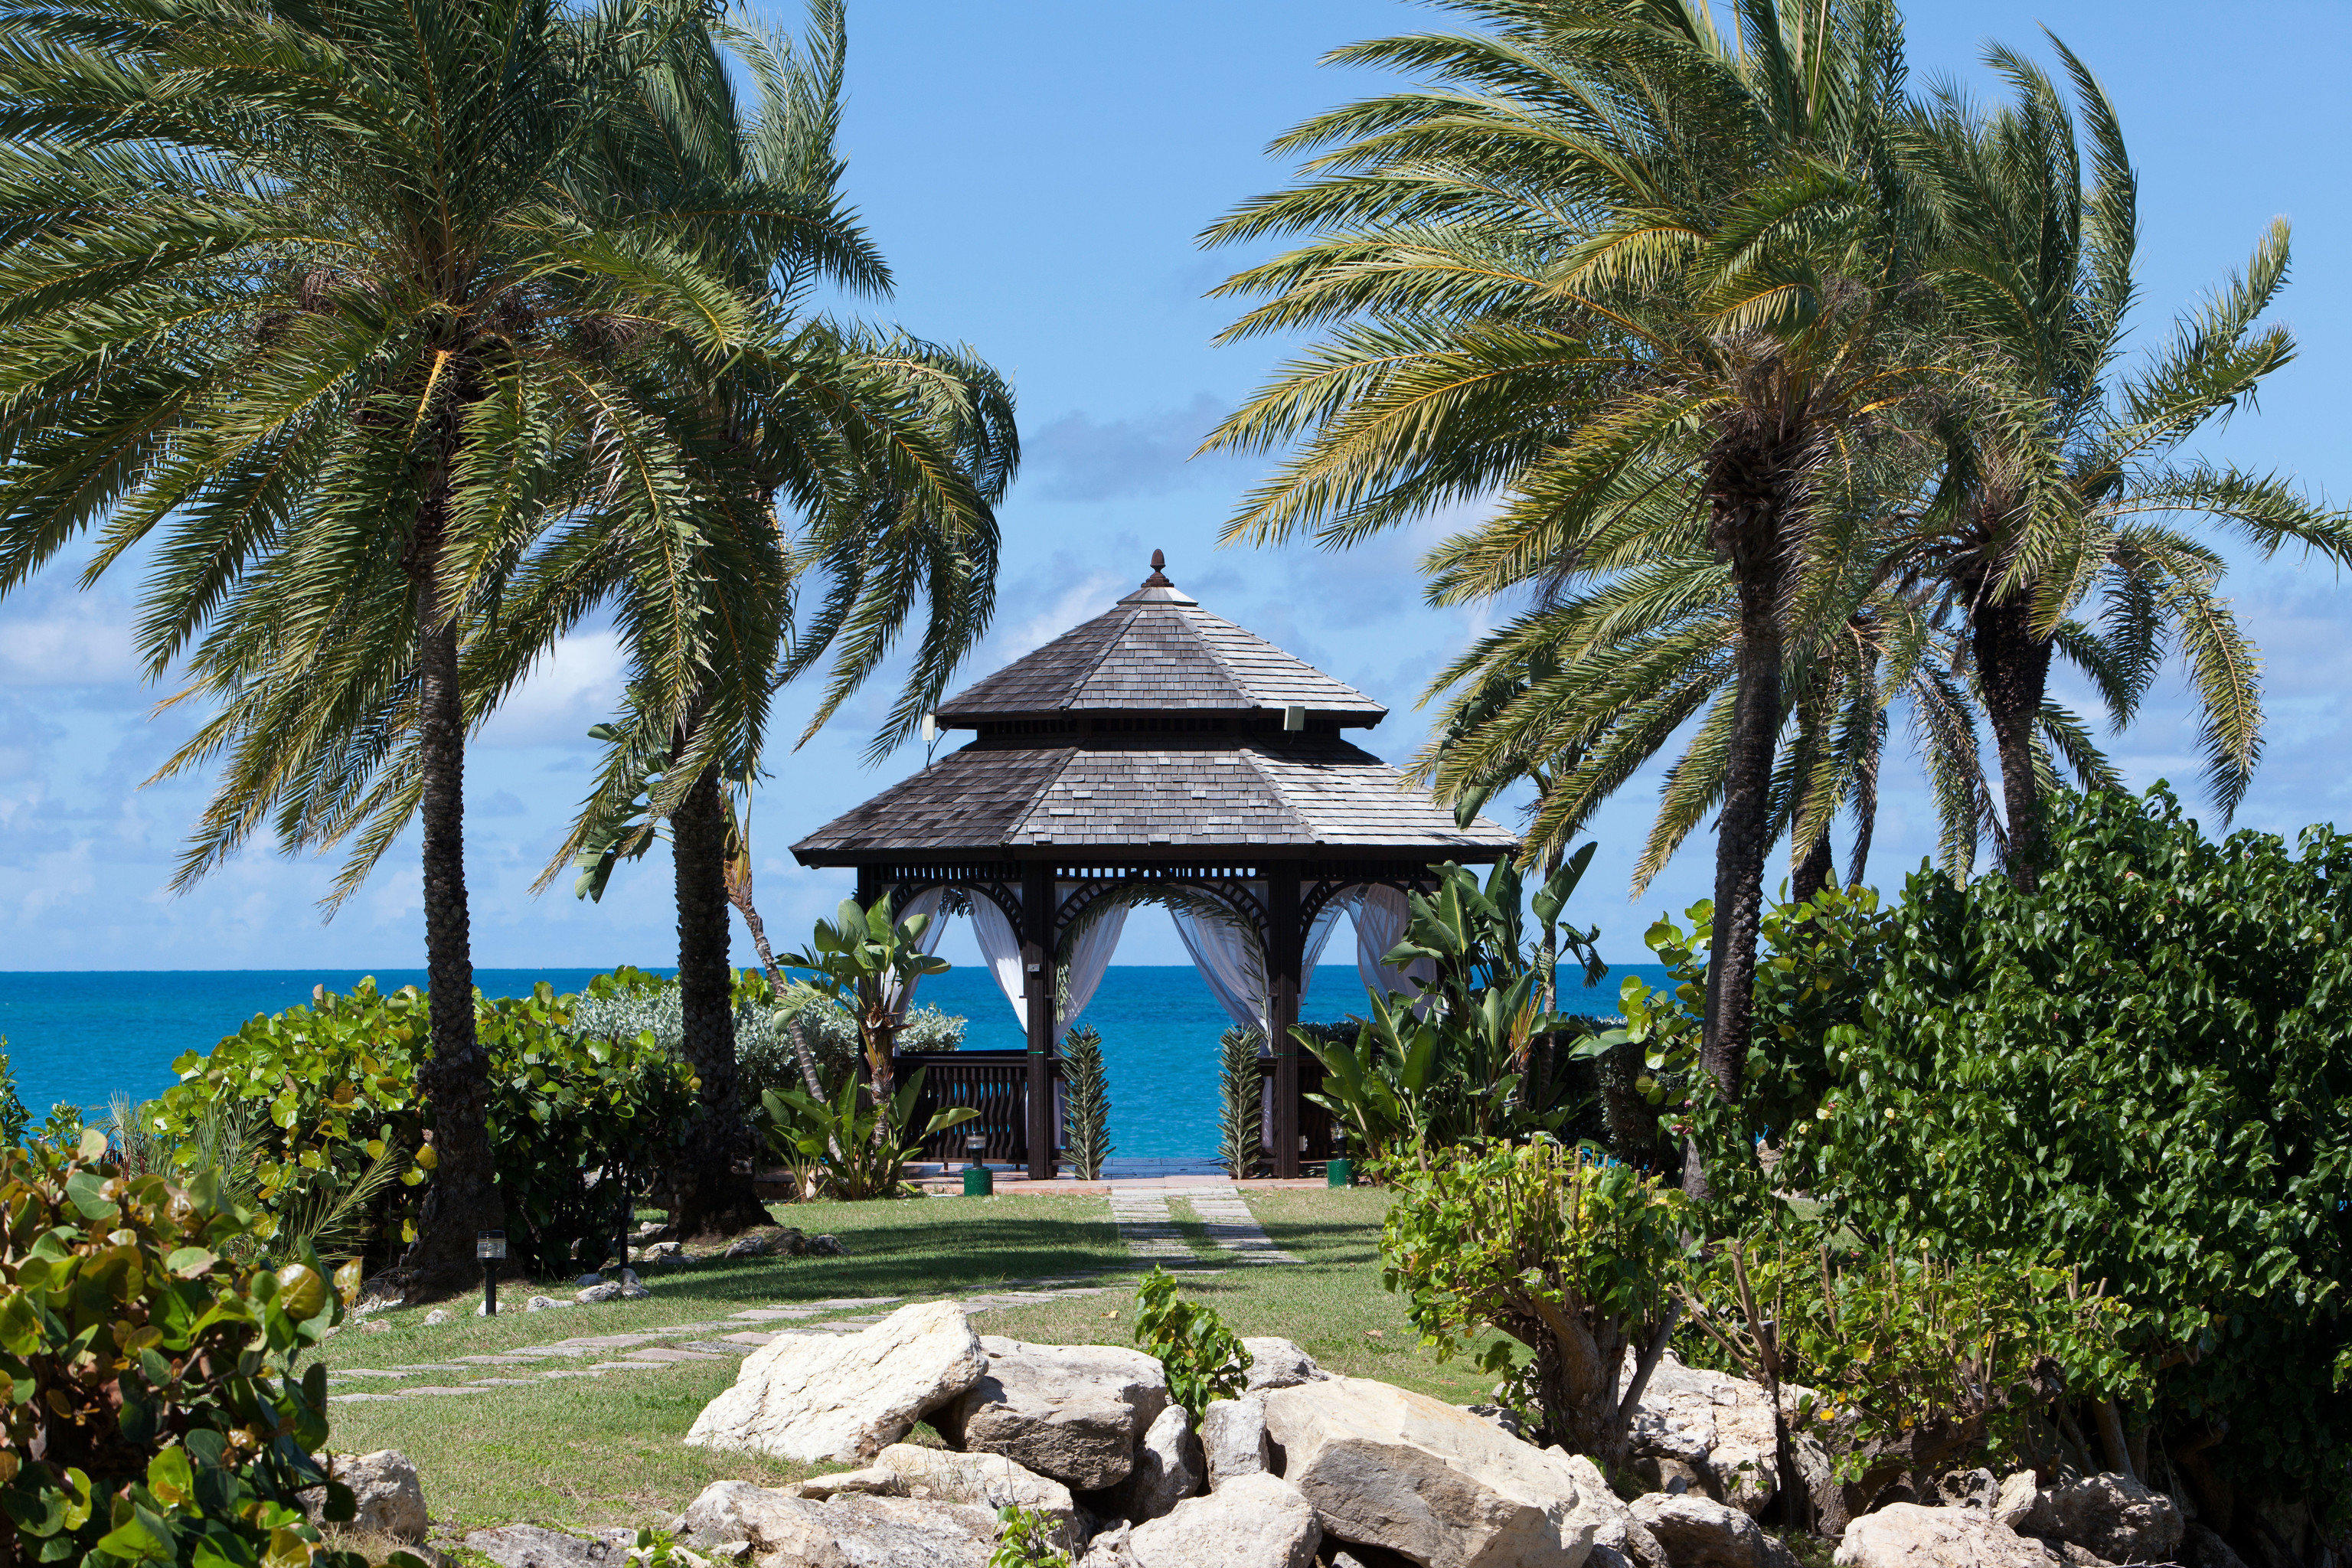 tree sky palm rock Resort botany Garden Beach arecales plant Villa tropics palm family Sea stone bushes surrounded shade